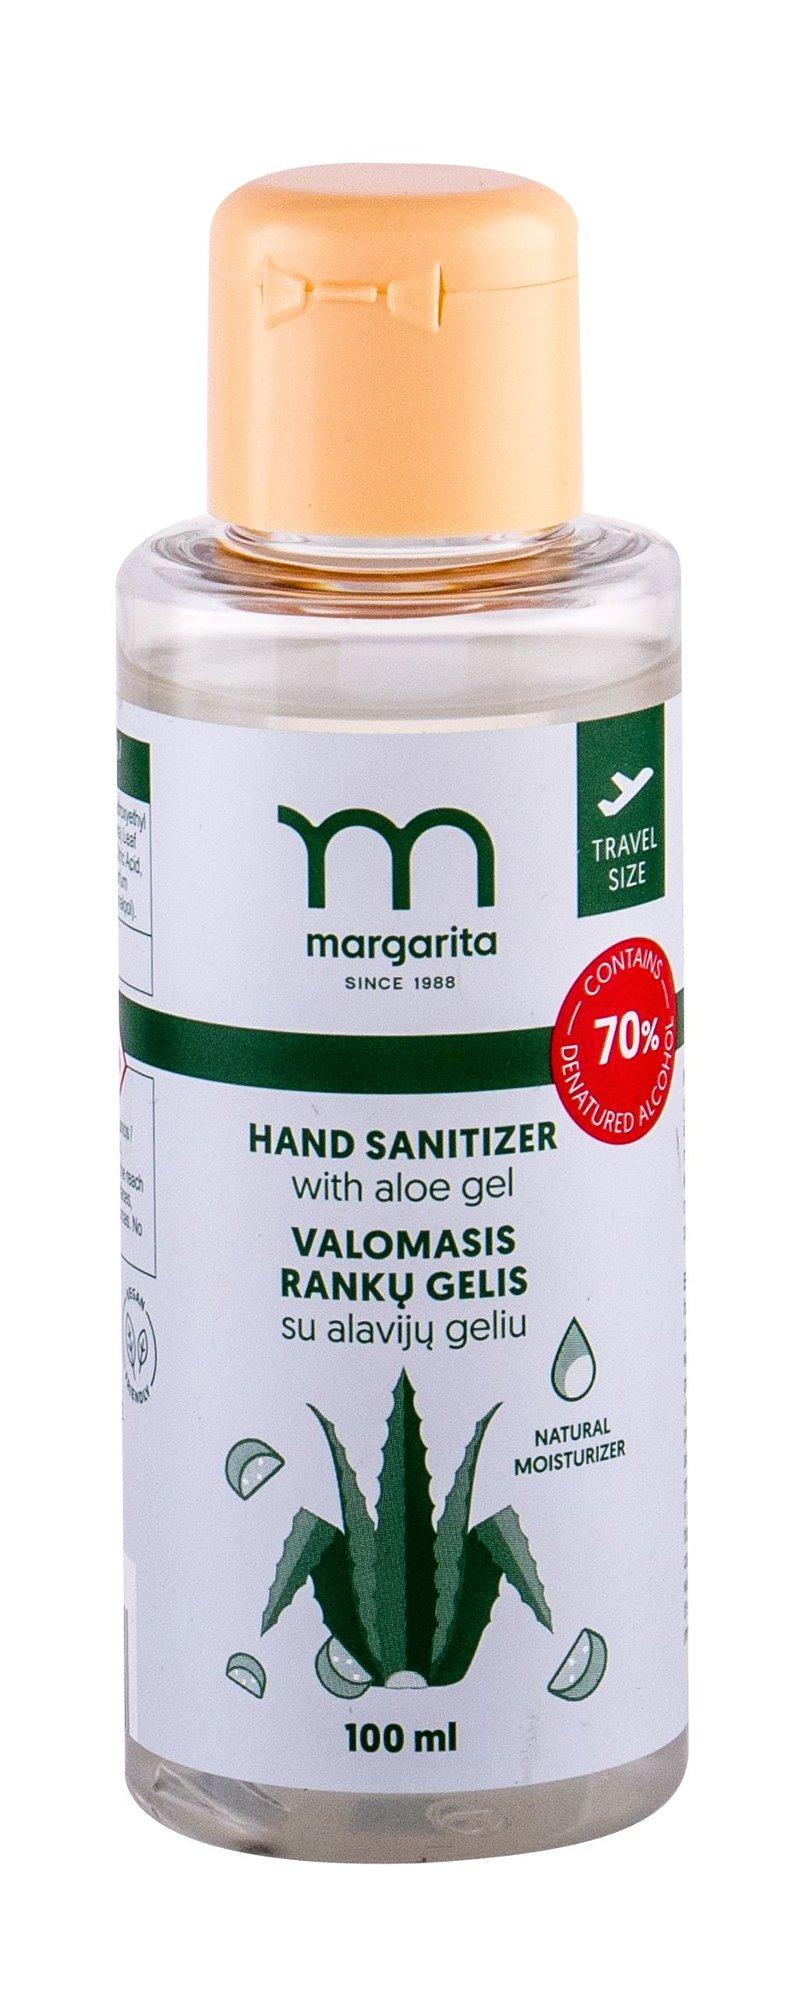 Margarita Hand Sanitizer Antibacterial Gel 100ml